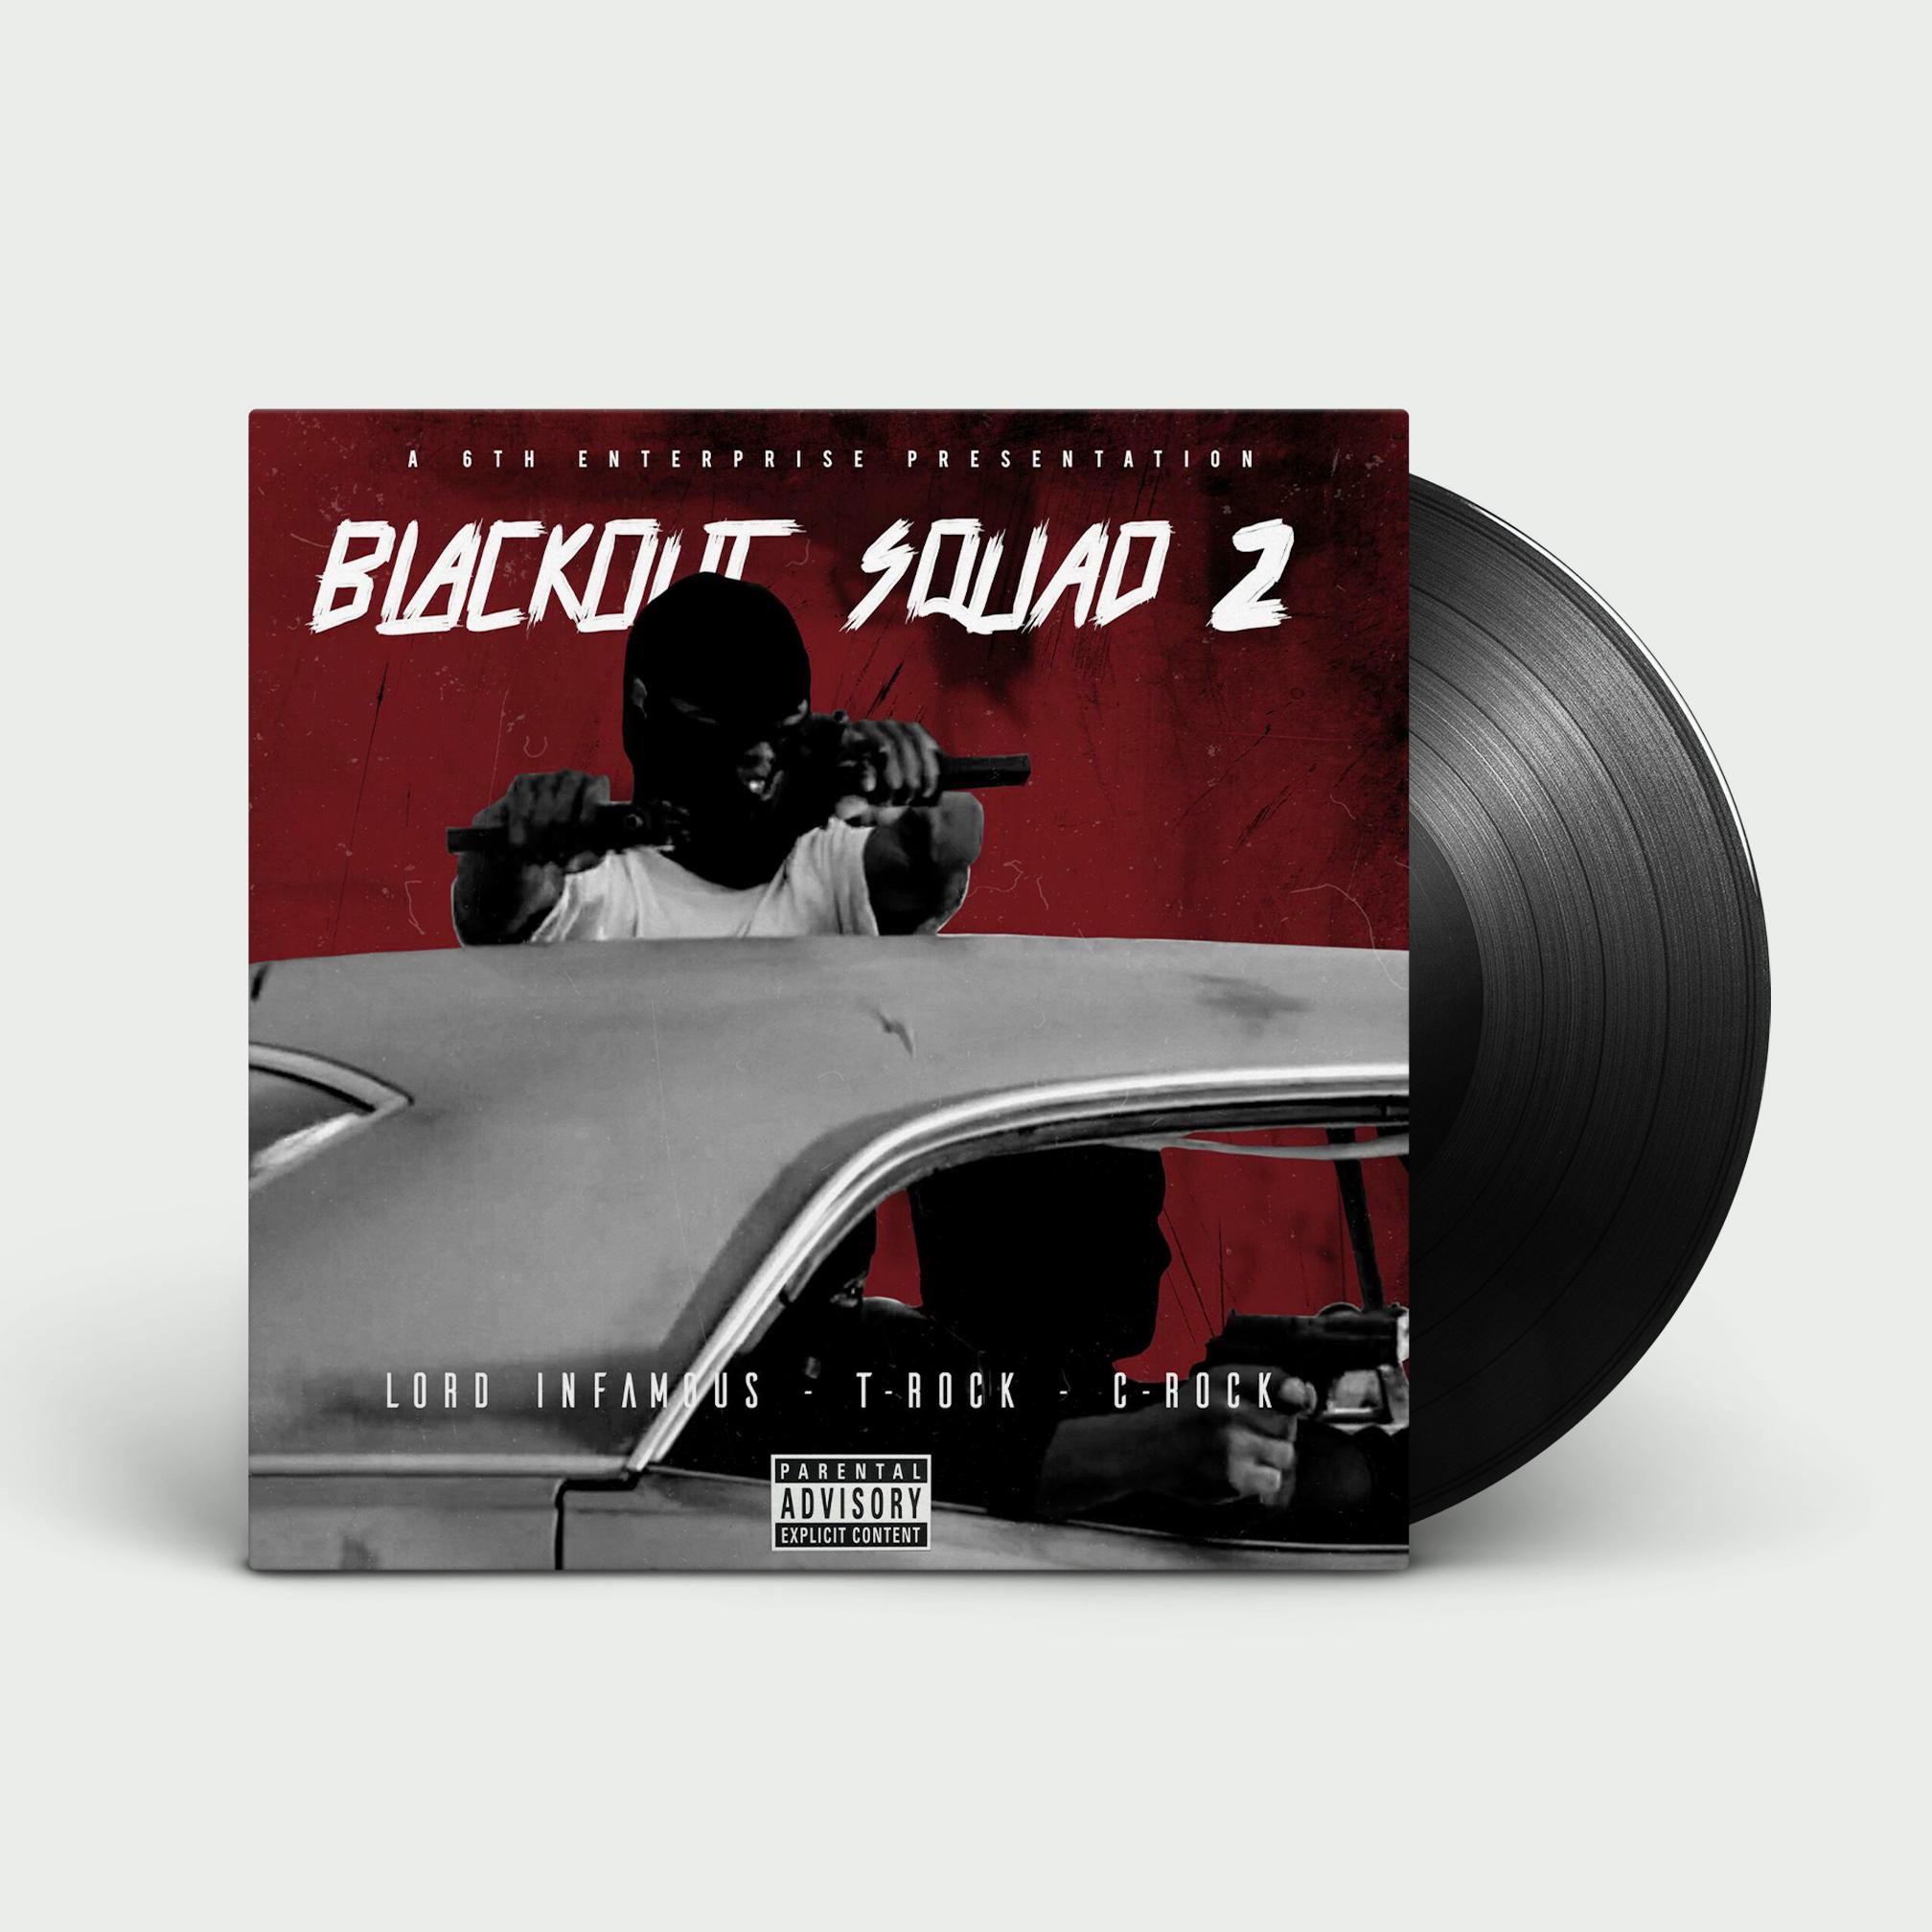 T-Rock, Lord Infamous & C-Rock - Blackout Squad 2 (Vinyl)